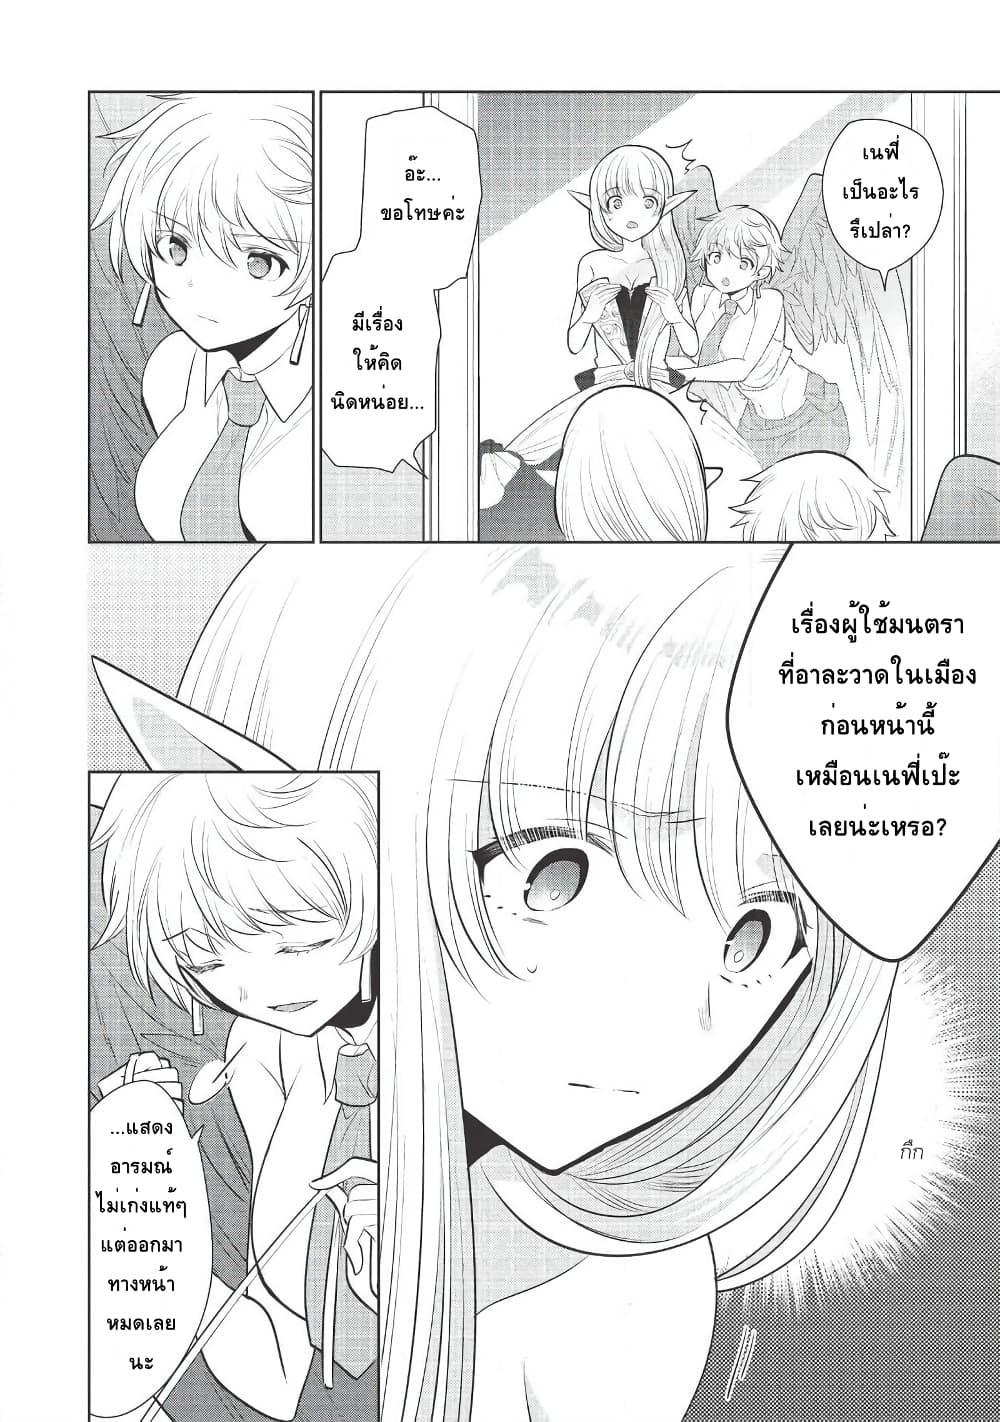 อ่านการ์ตูน Maou no Ore ga Dorei Elf wo Yome ni Shitanda ga Dou Medereba Ii ตอนที่ 27 หน้าที่ 2